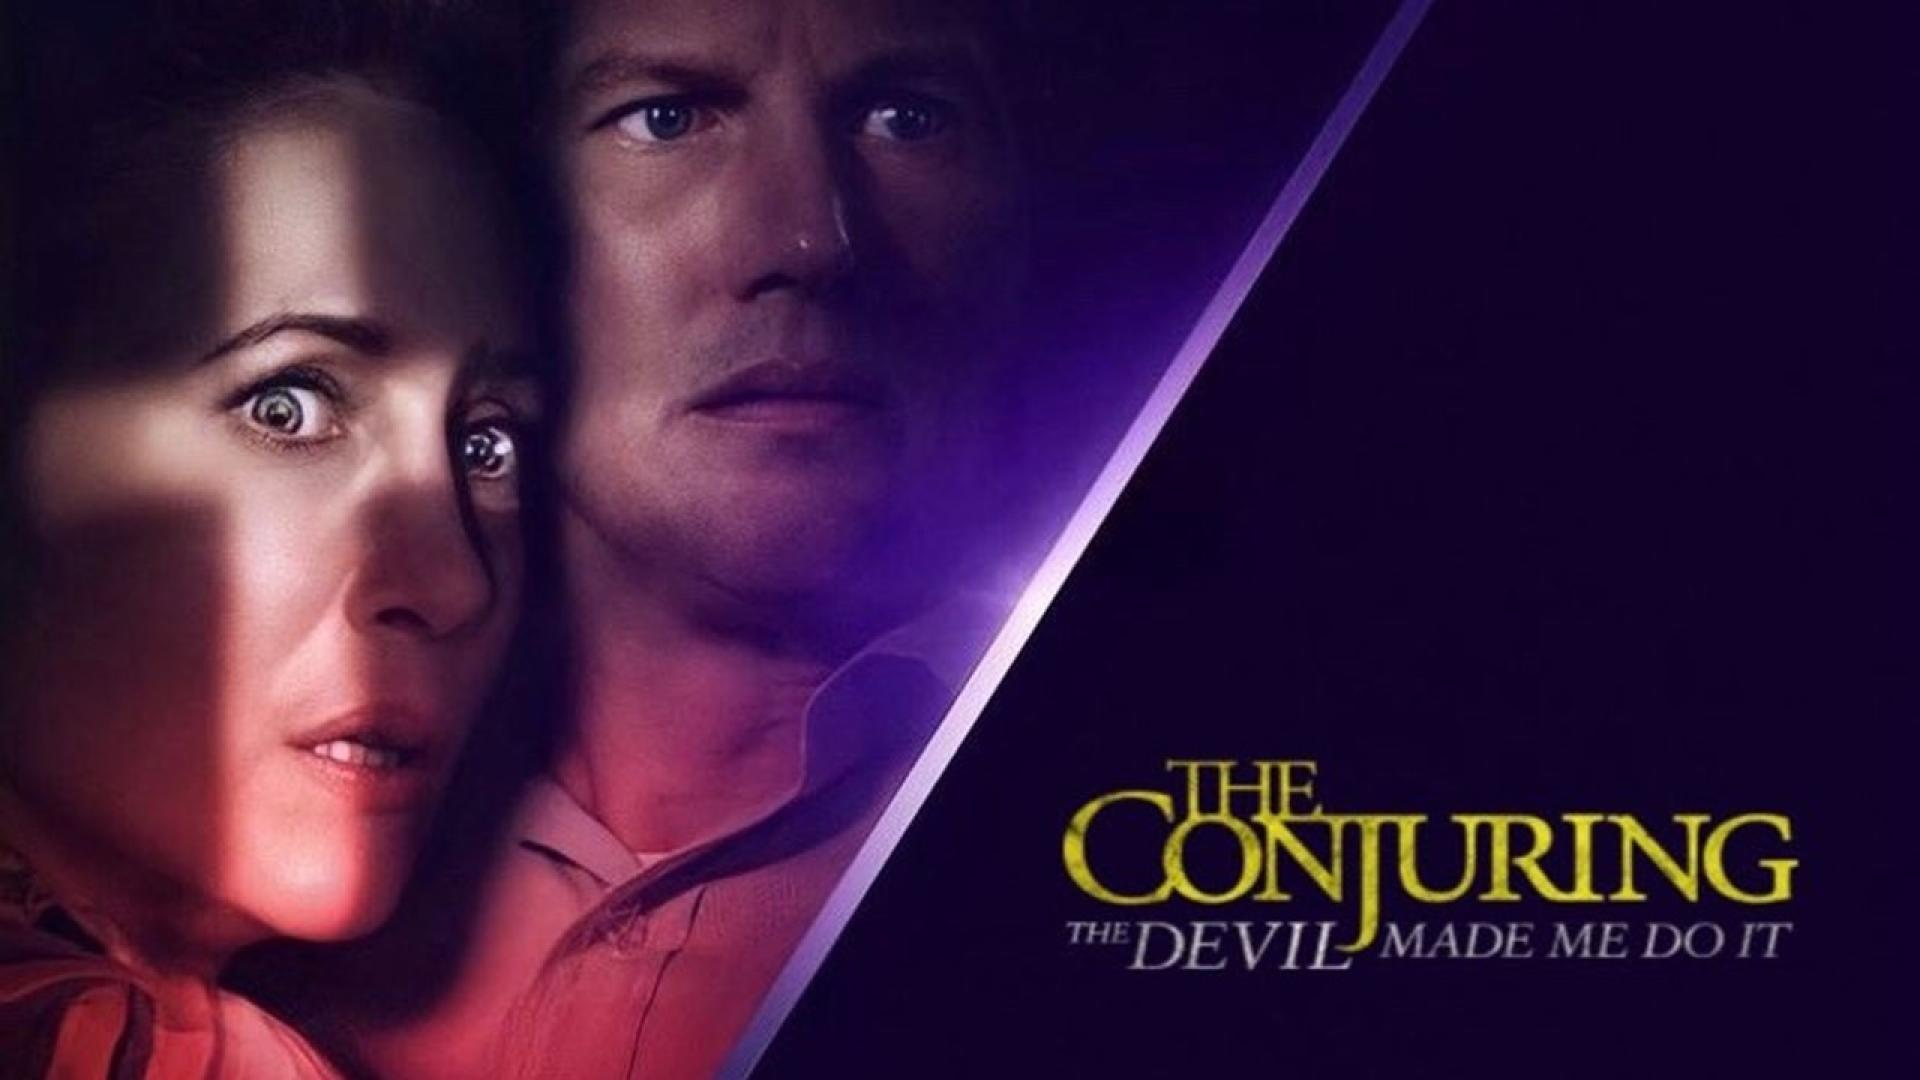 The Conjuring 3 - The Devil Made Me Do It / Démonok között 3 - Az ördög kényszerített (2021)